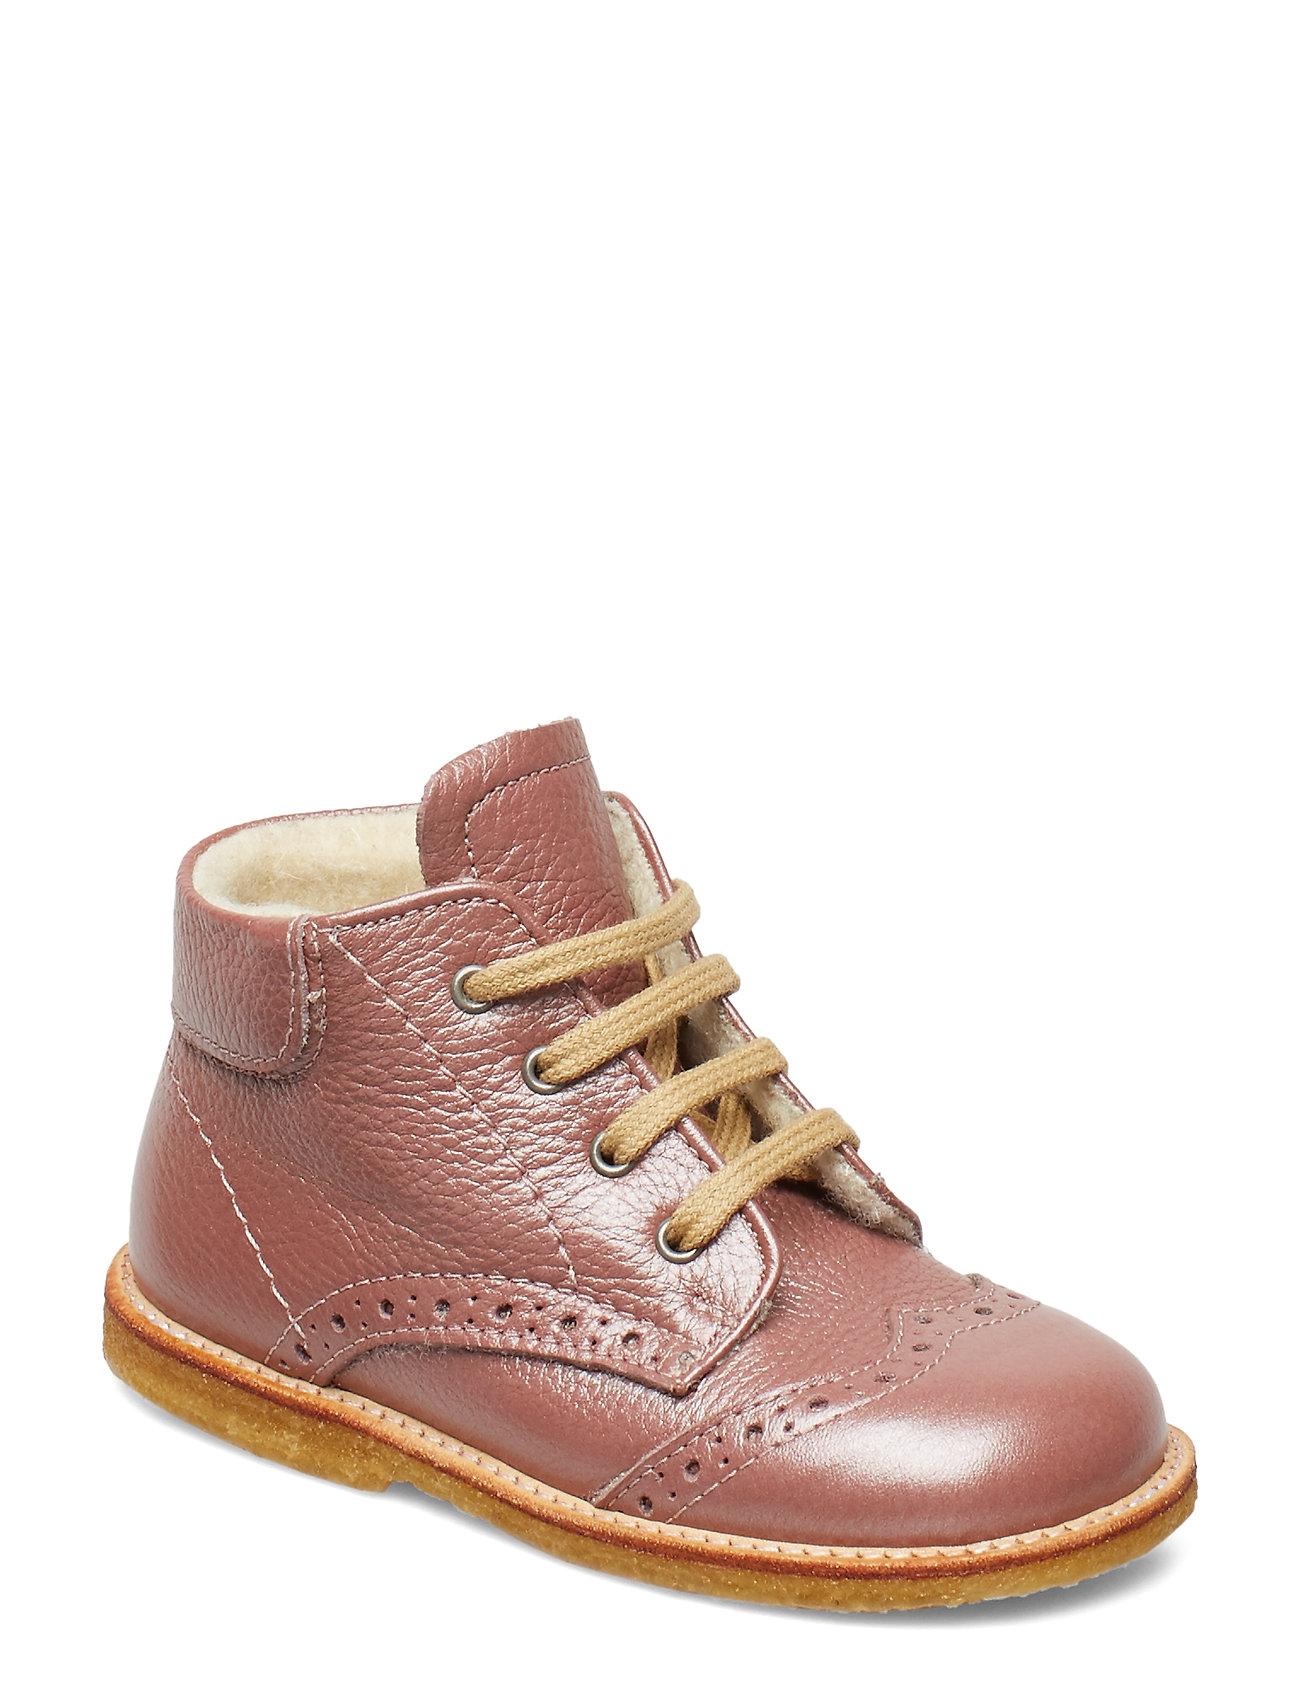 ANGULUS Baby shoe - 2636 ROSE SHINE